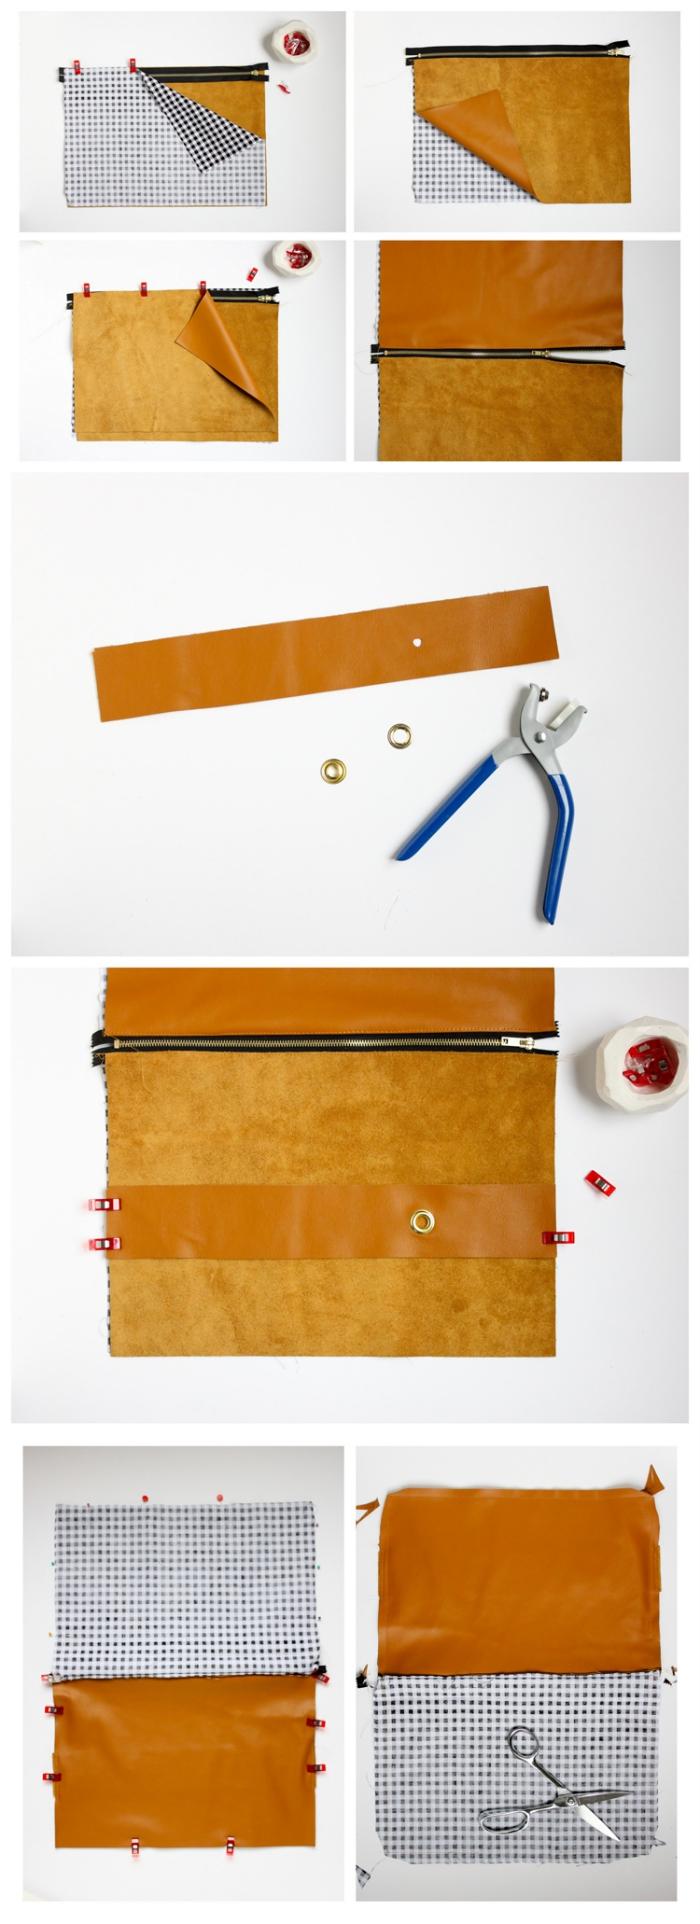 tuto couture pochette zippée et doublée en tissu contrastant à motif vichy, avec lanière centrale